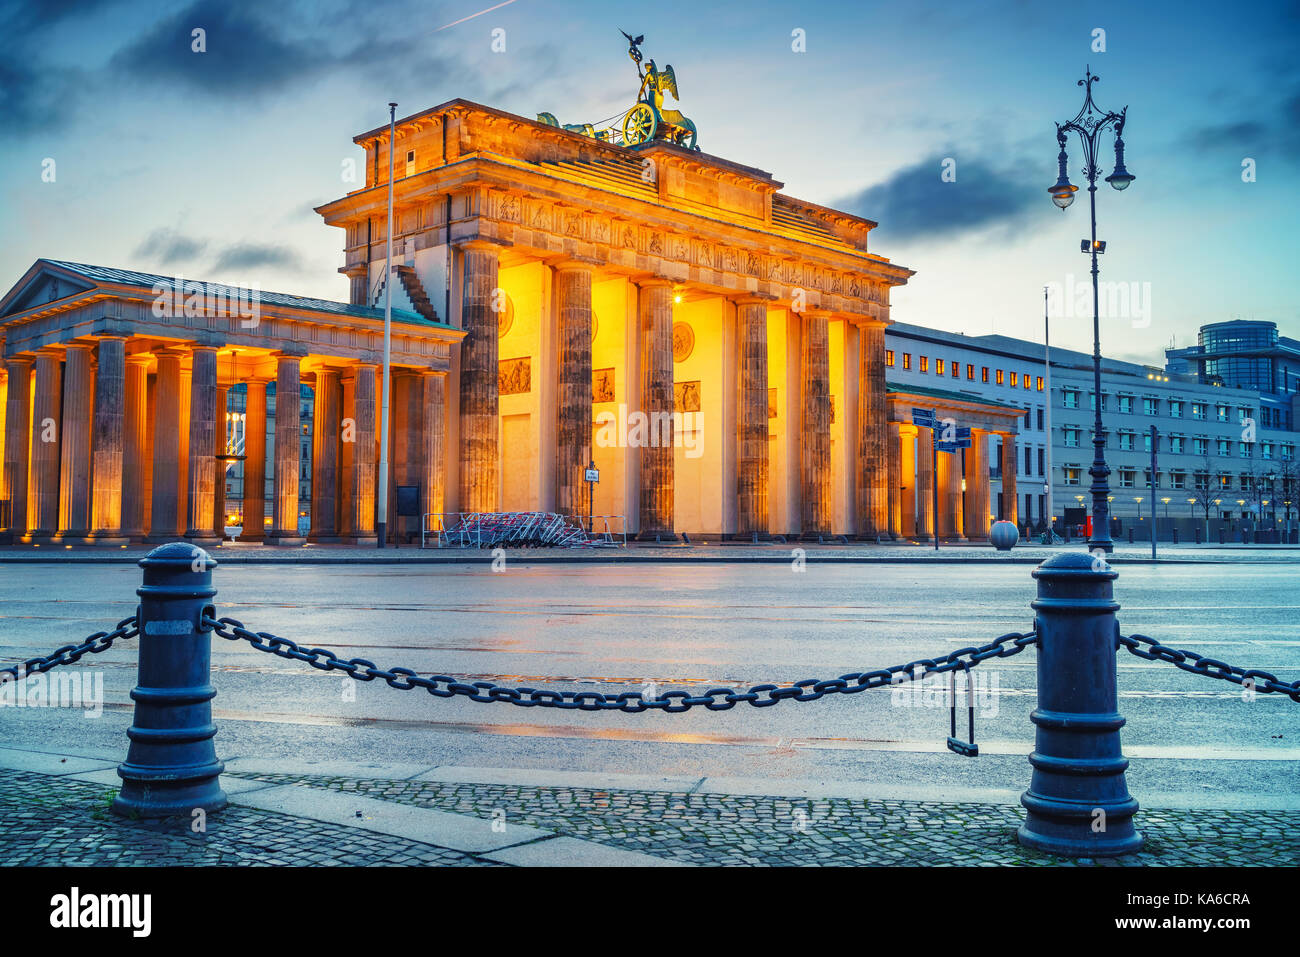 La porte de Brandebourg au crépuscule Photo Stock